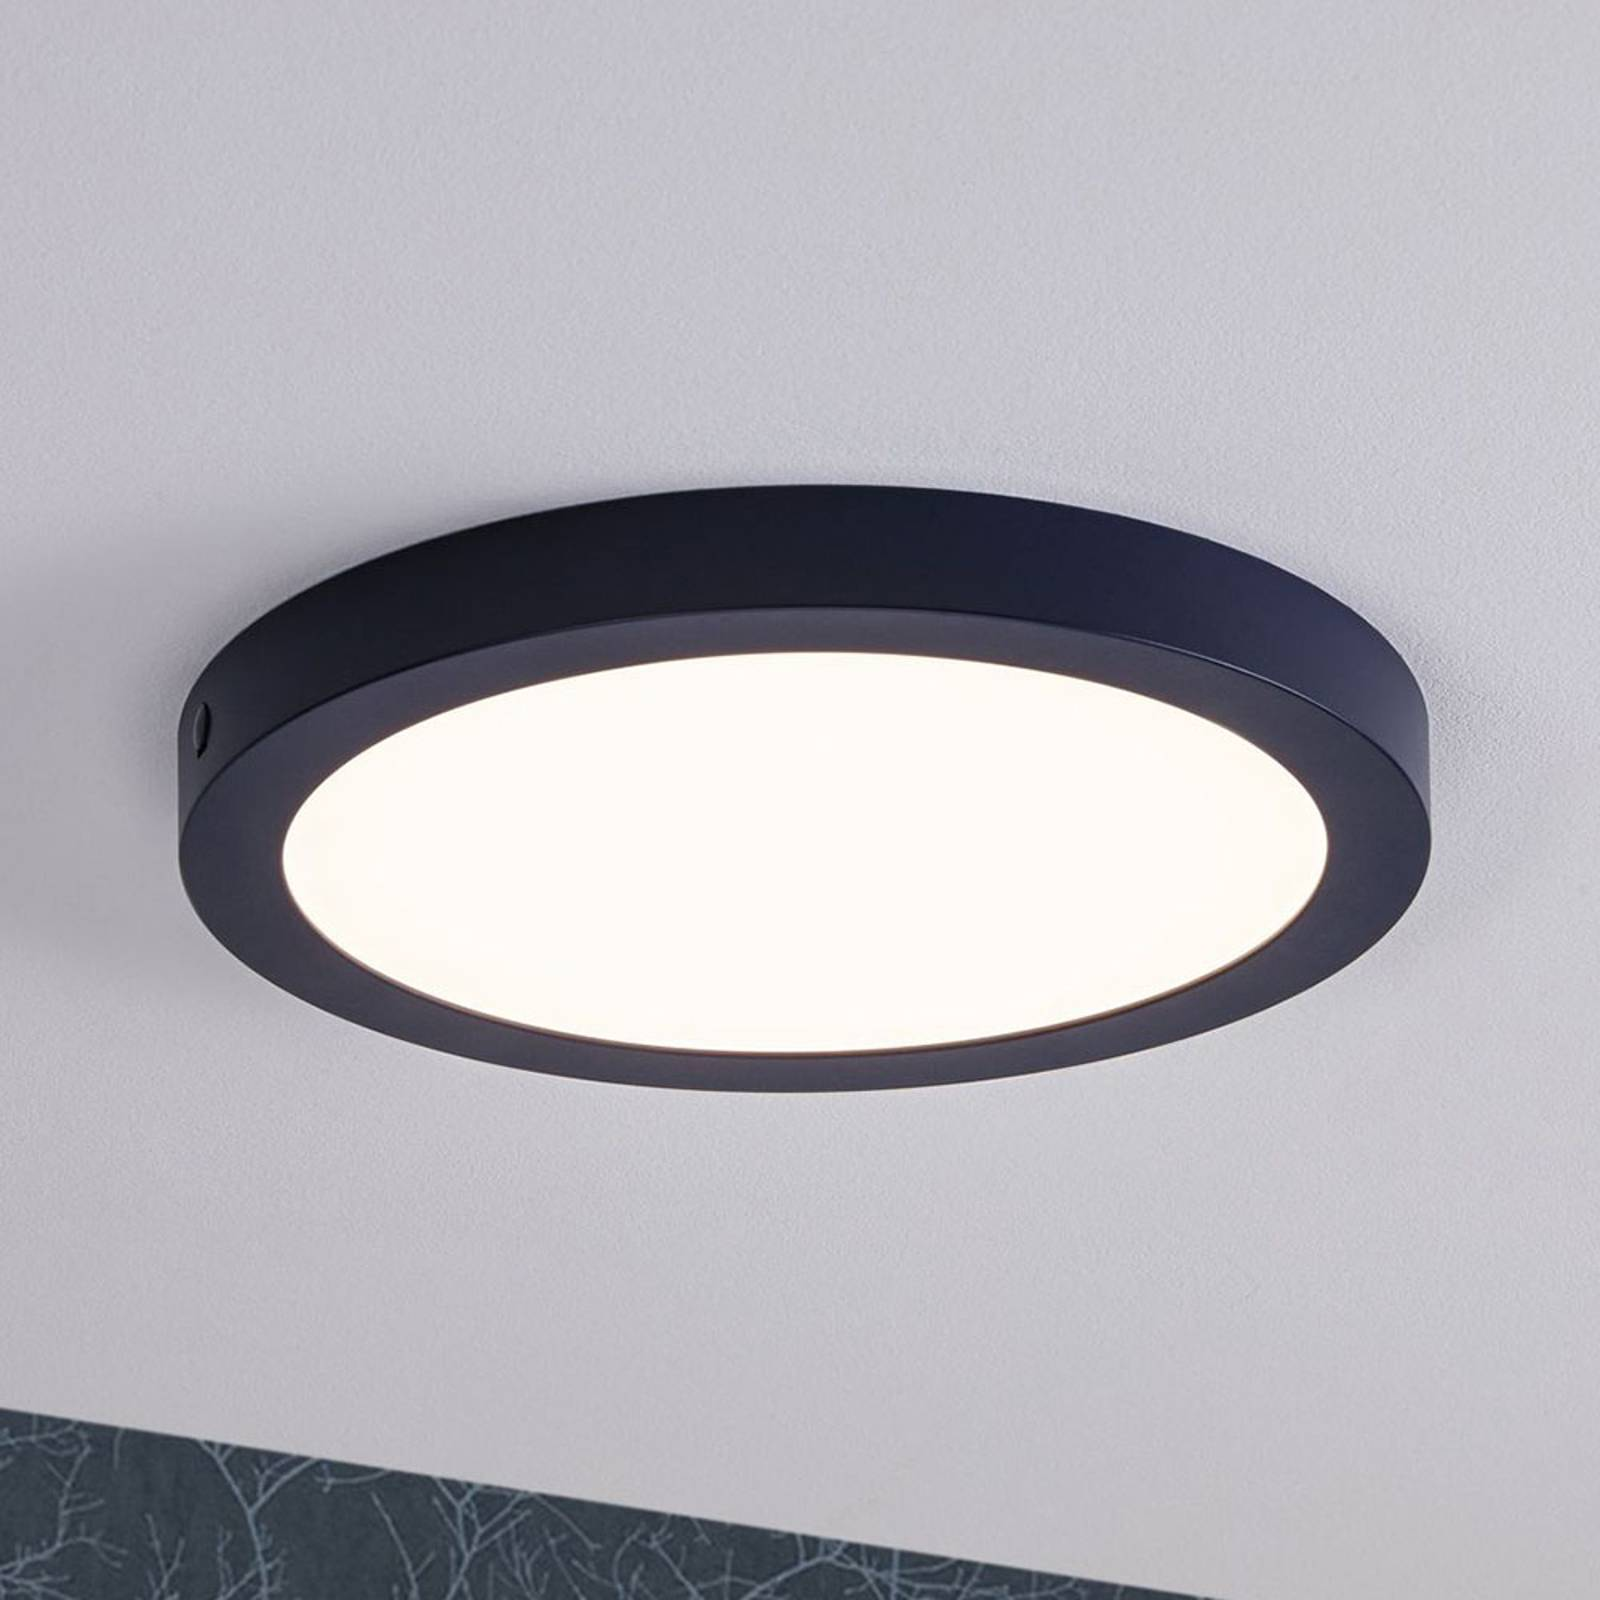 Paulmann-LED-paneeli Abia, pyöreä Ø 30 cm, sininen